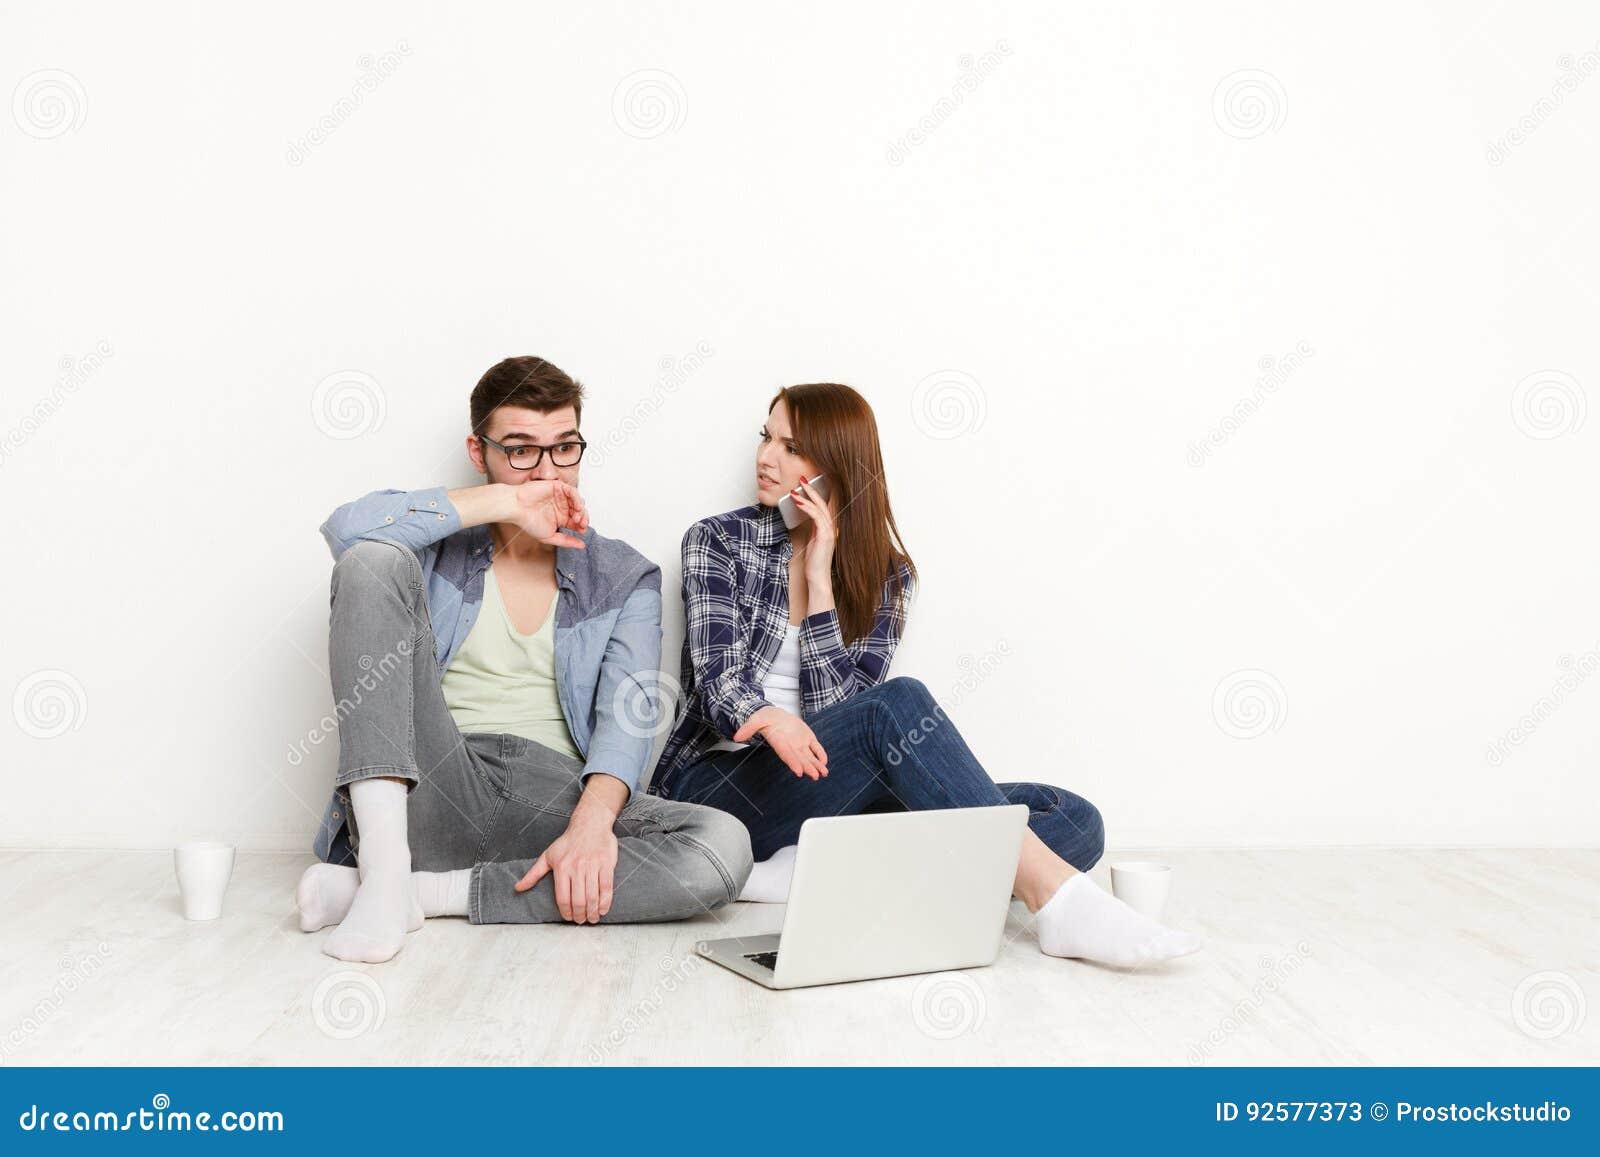 probl me financier couple choqu avec des factures image stock image du neuf finances 92577373. Black Bedroom Furniture Sets. Home Design Ideas